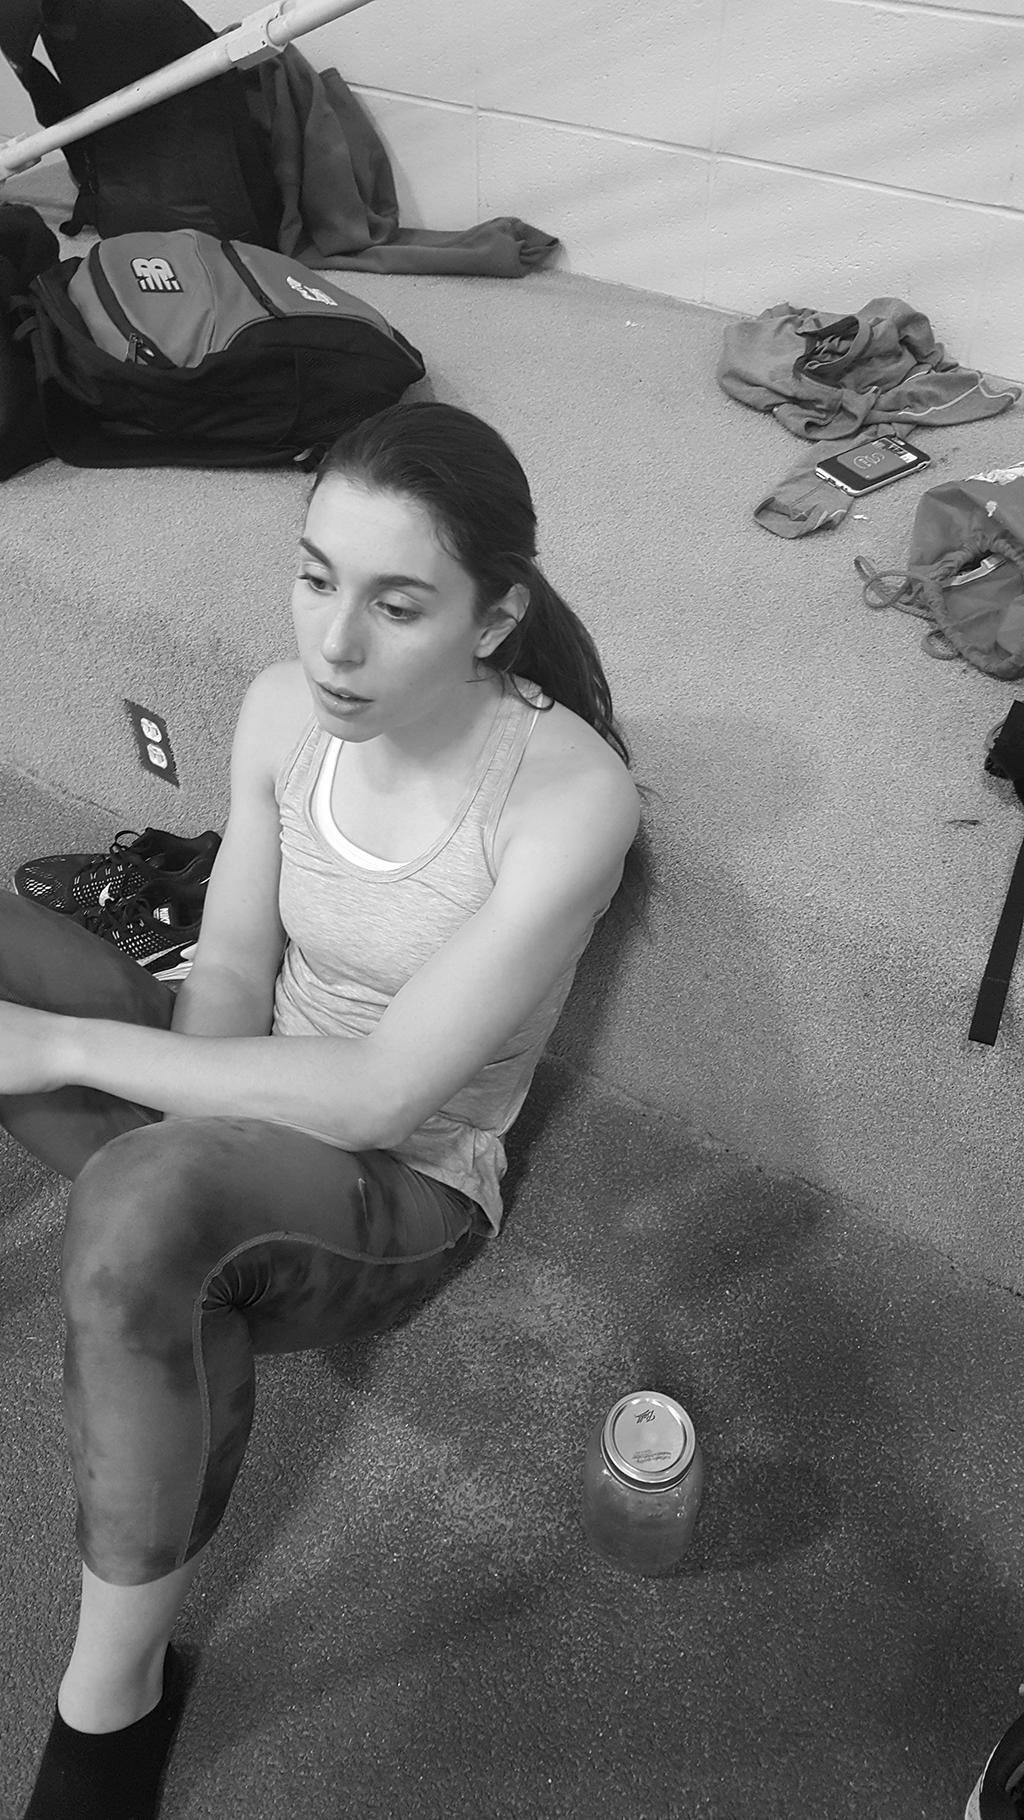 Christy Wood dazed after a hard practice